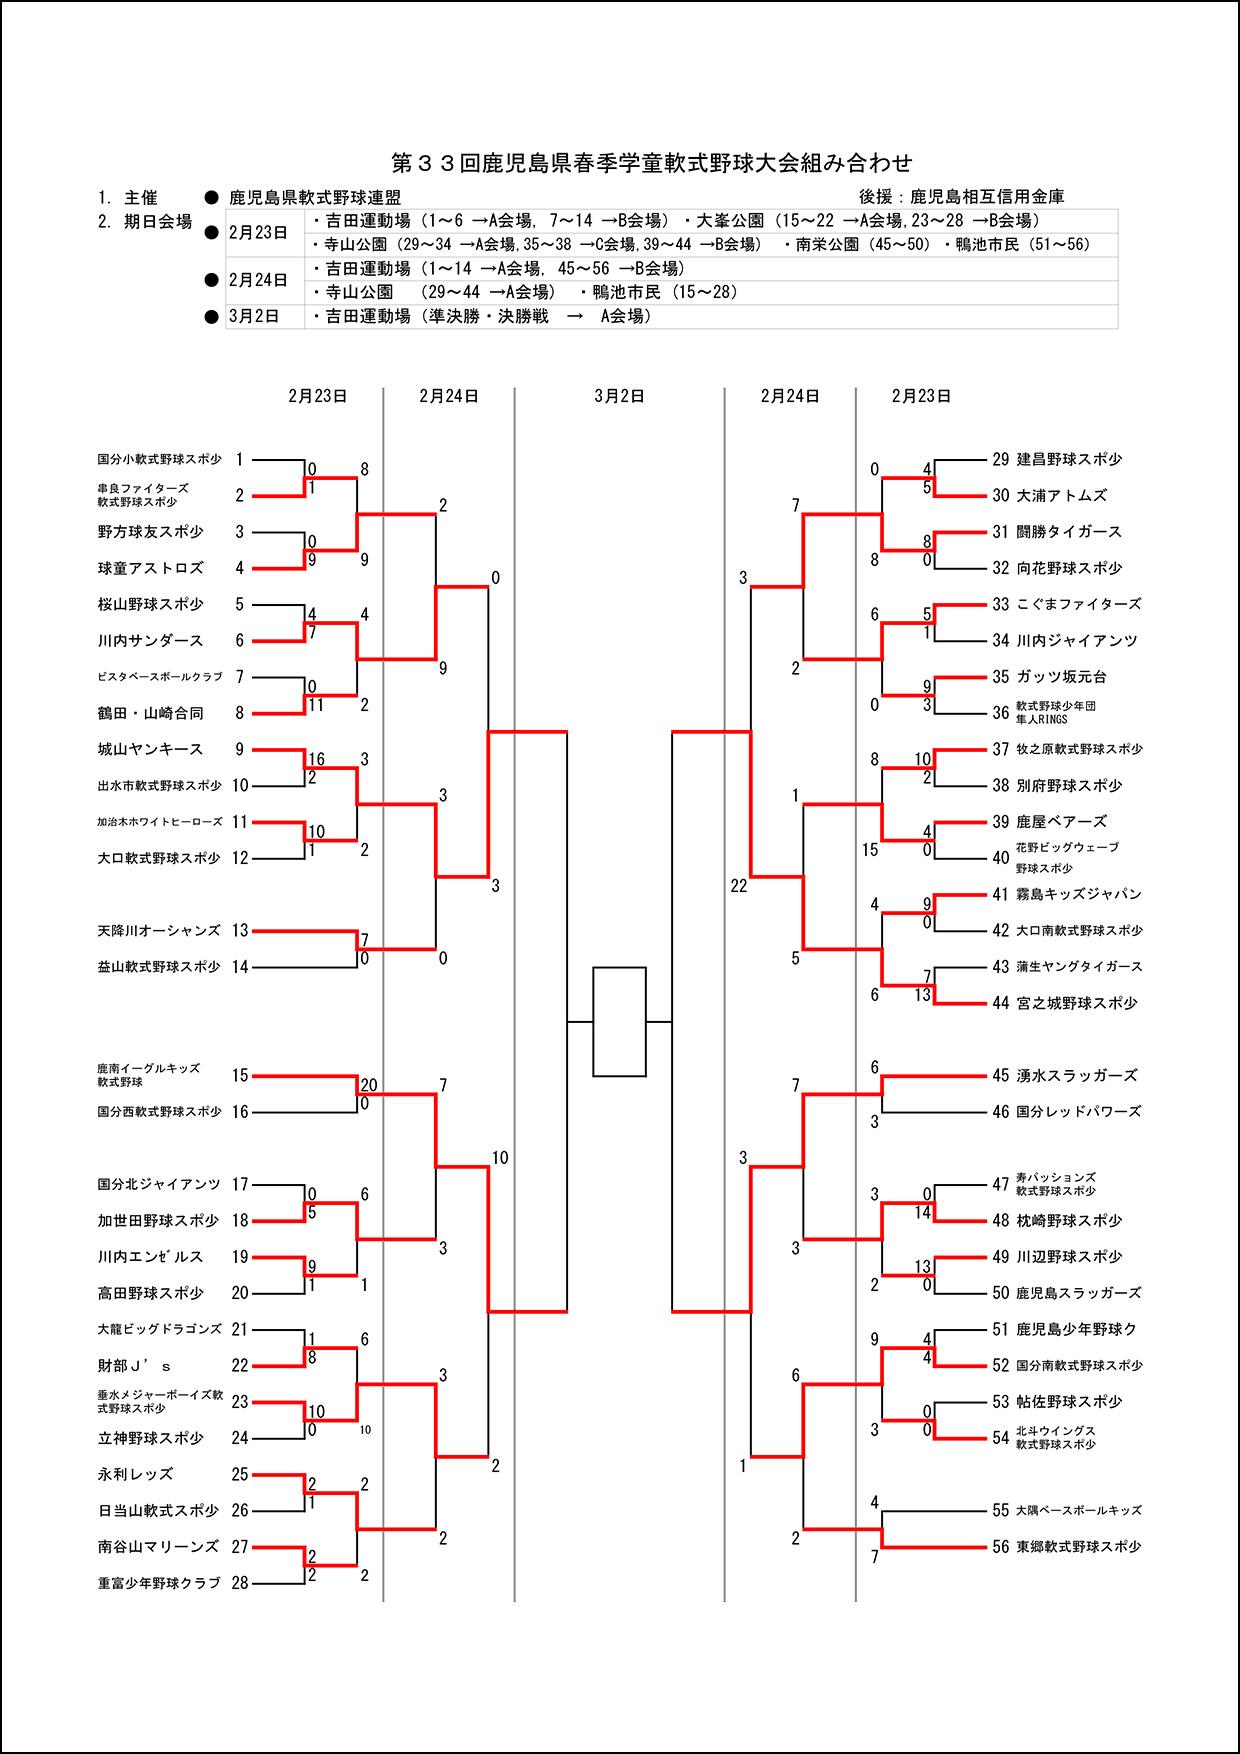 【2日目結果】第33回鹿児島県春季学童軟式野球大会